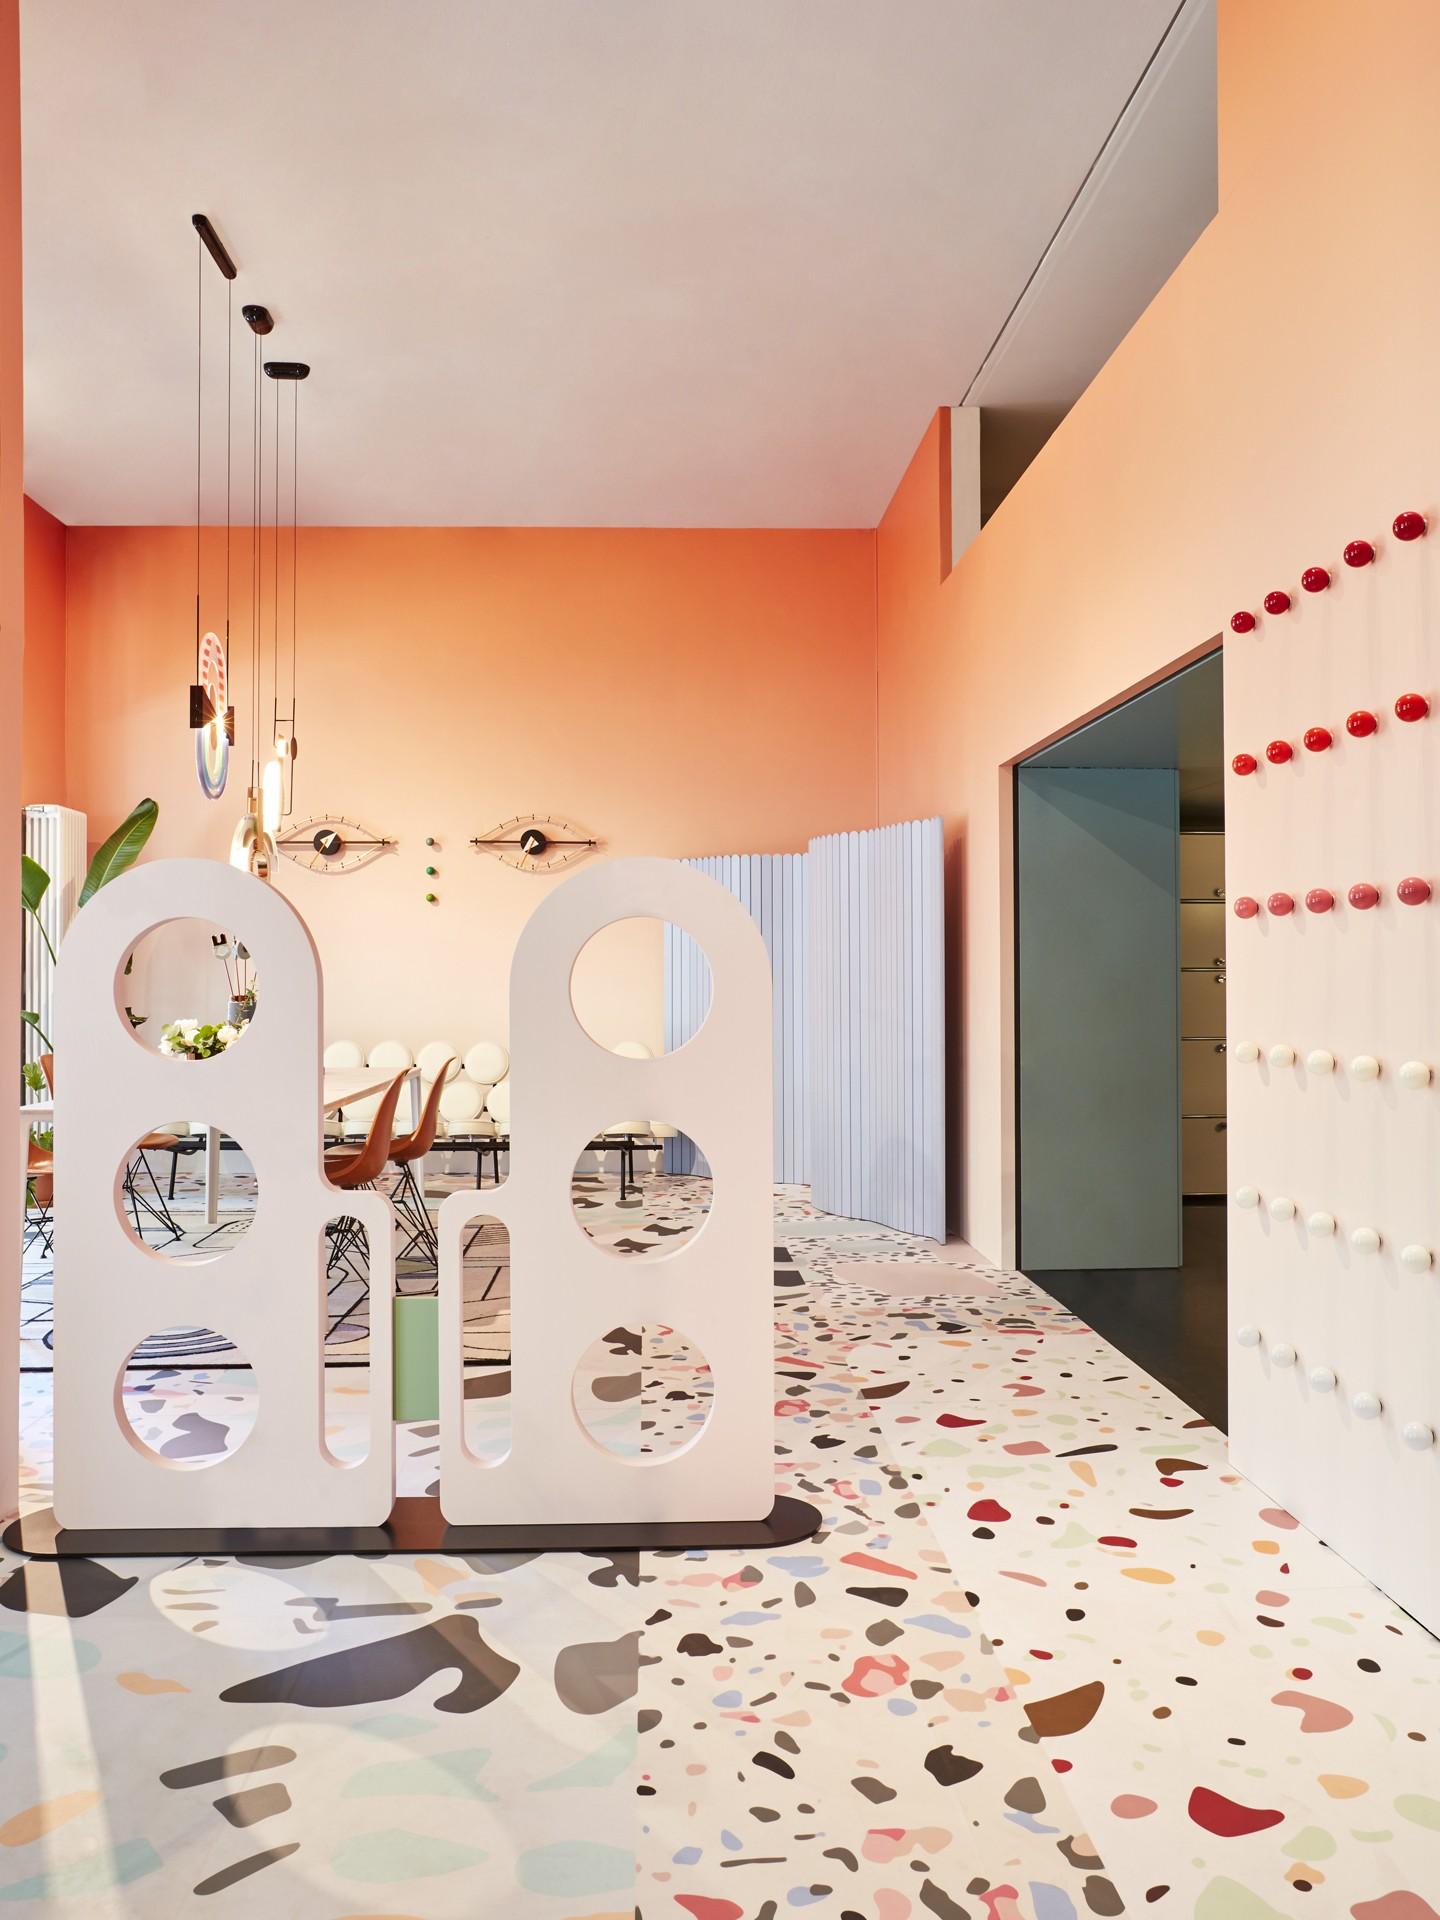 Décor do dia: profusão de cores na sala de estar (Foto: Omar Sartor/Divulgação)